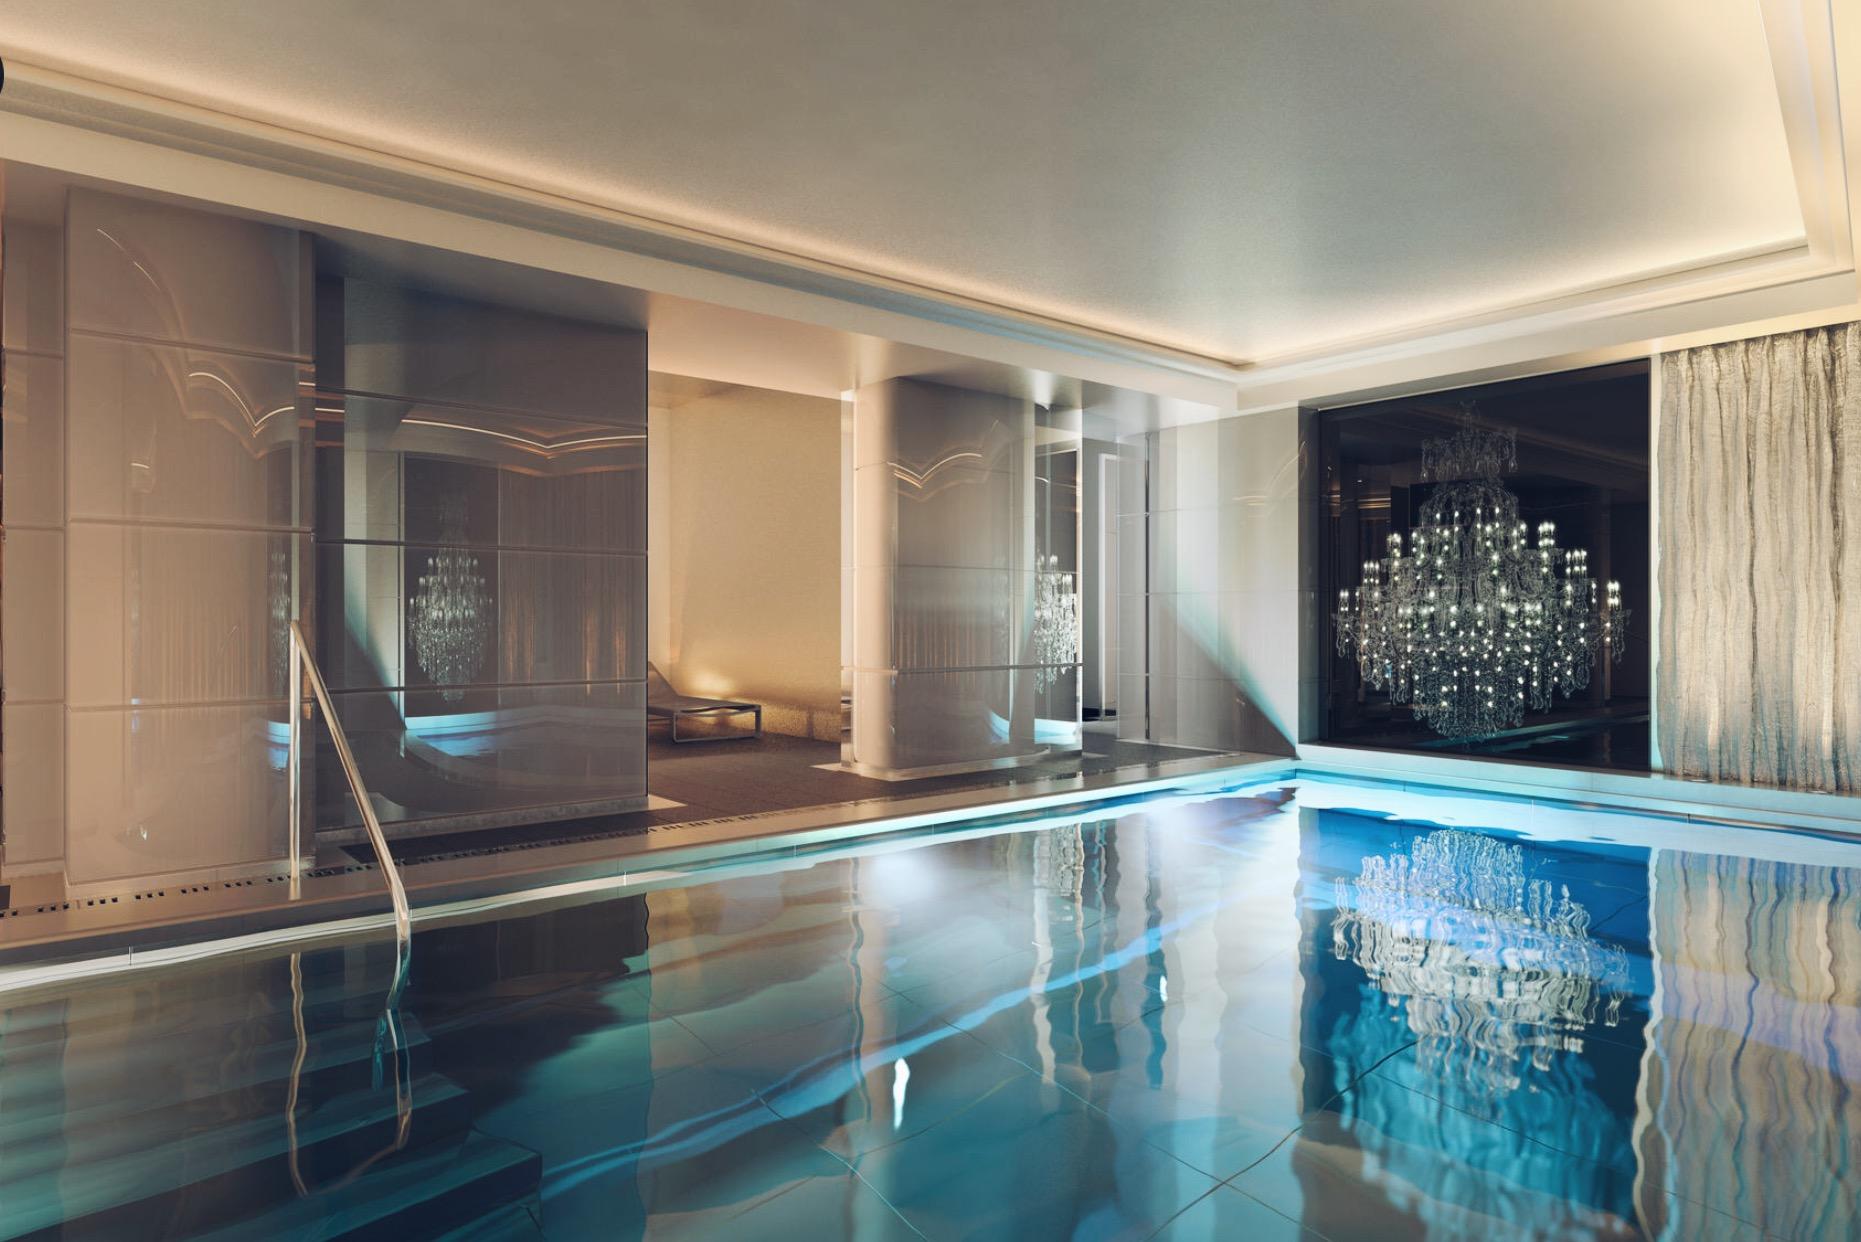 En sjelden liten hotelljuvel i Paris